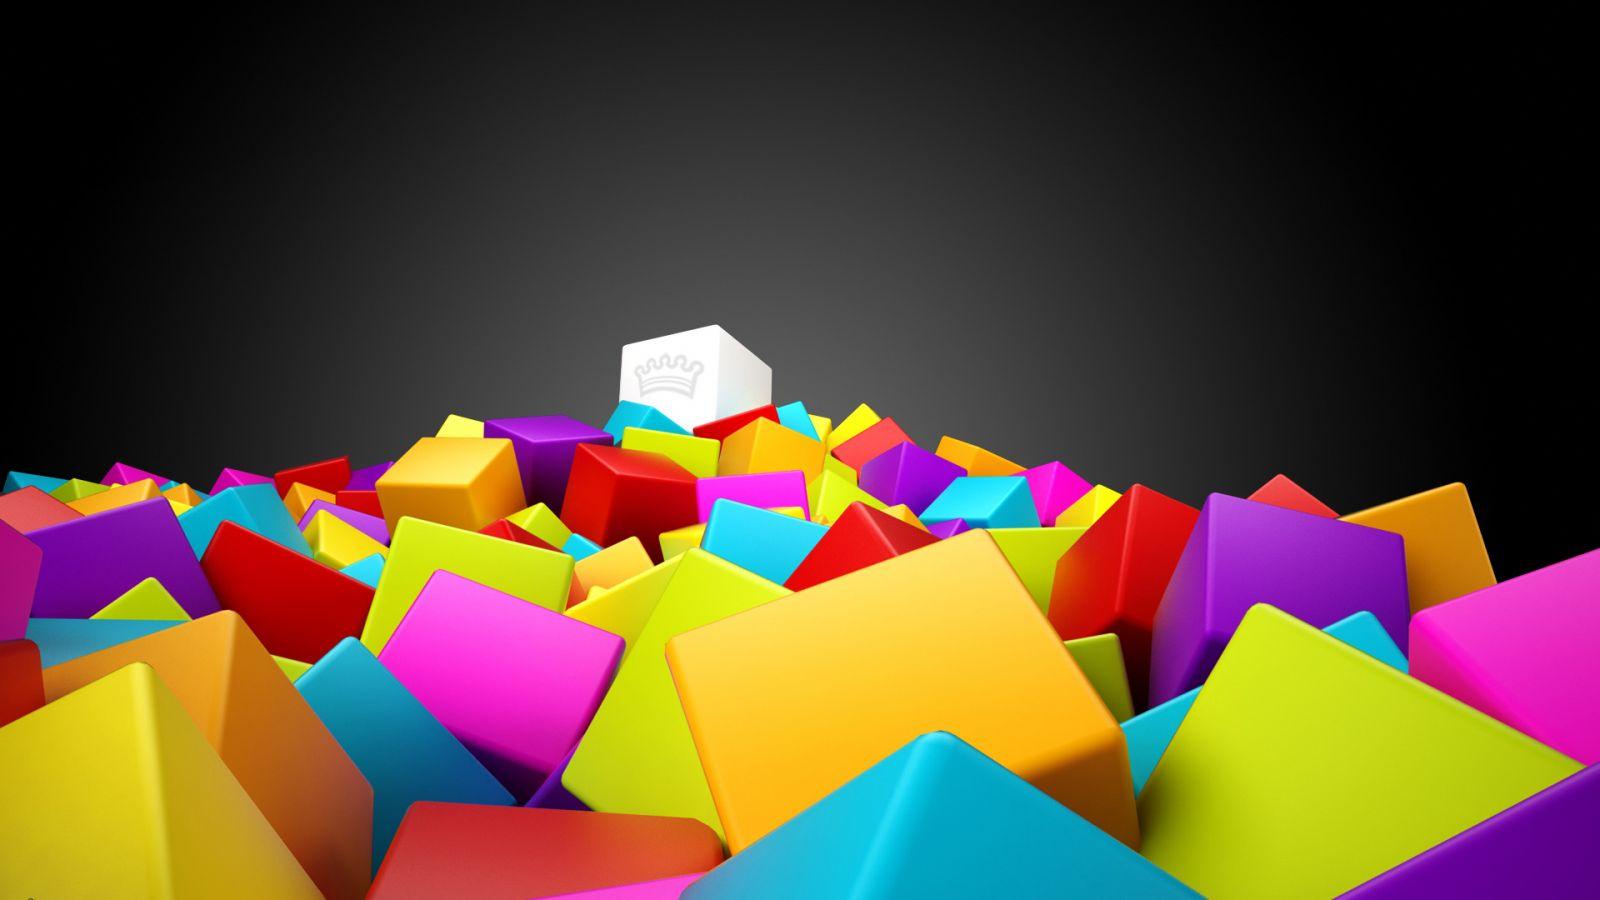 Fondo de pantalla cubos de colores hd hq 1080p el alebrije for Fondos de pantalla full hd colores